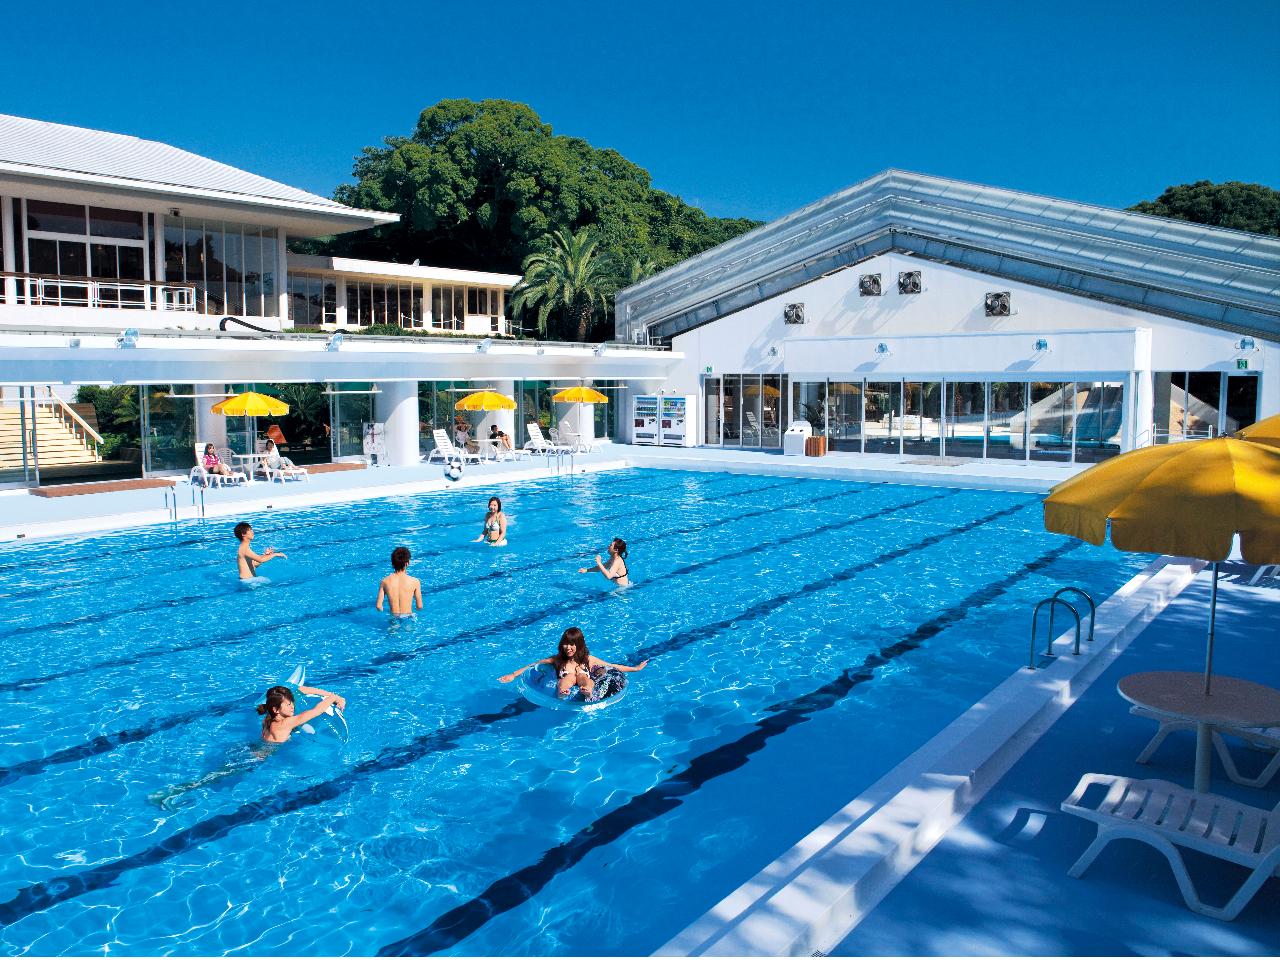 【プールで楽しんじゃおう♪プラン】◆\全天候型屋根付き/50m×7コースの広大な...